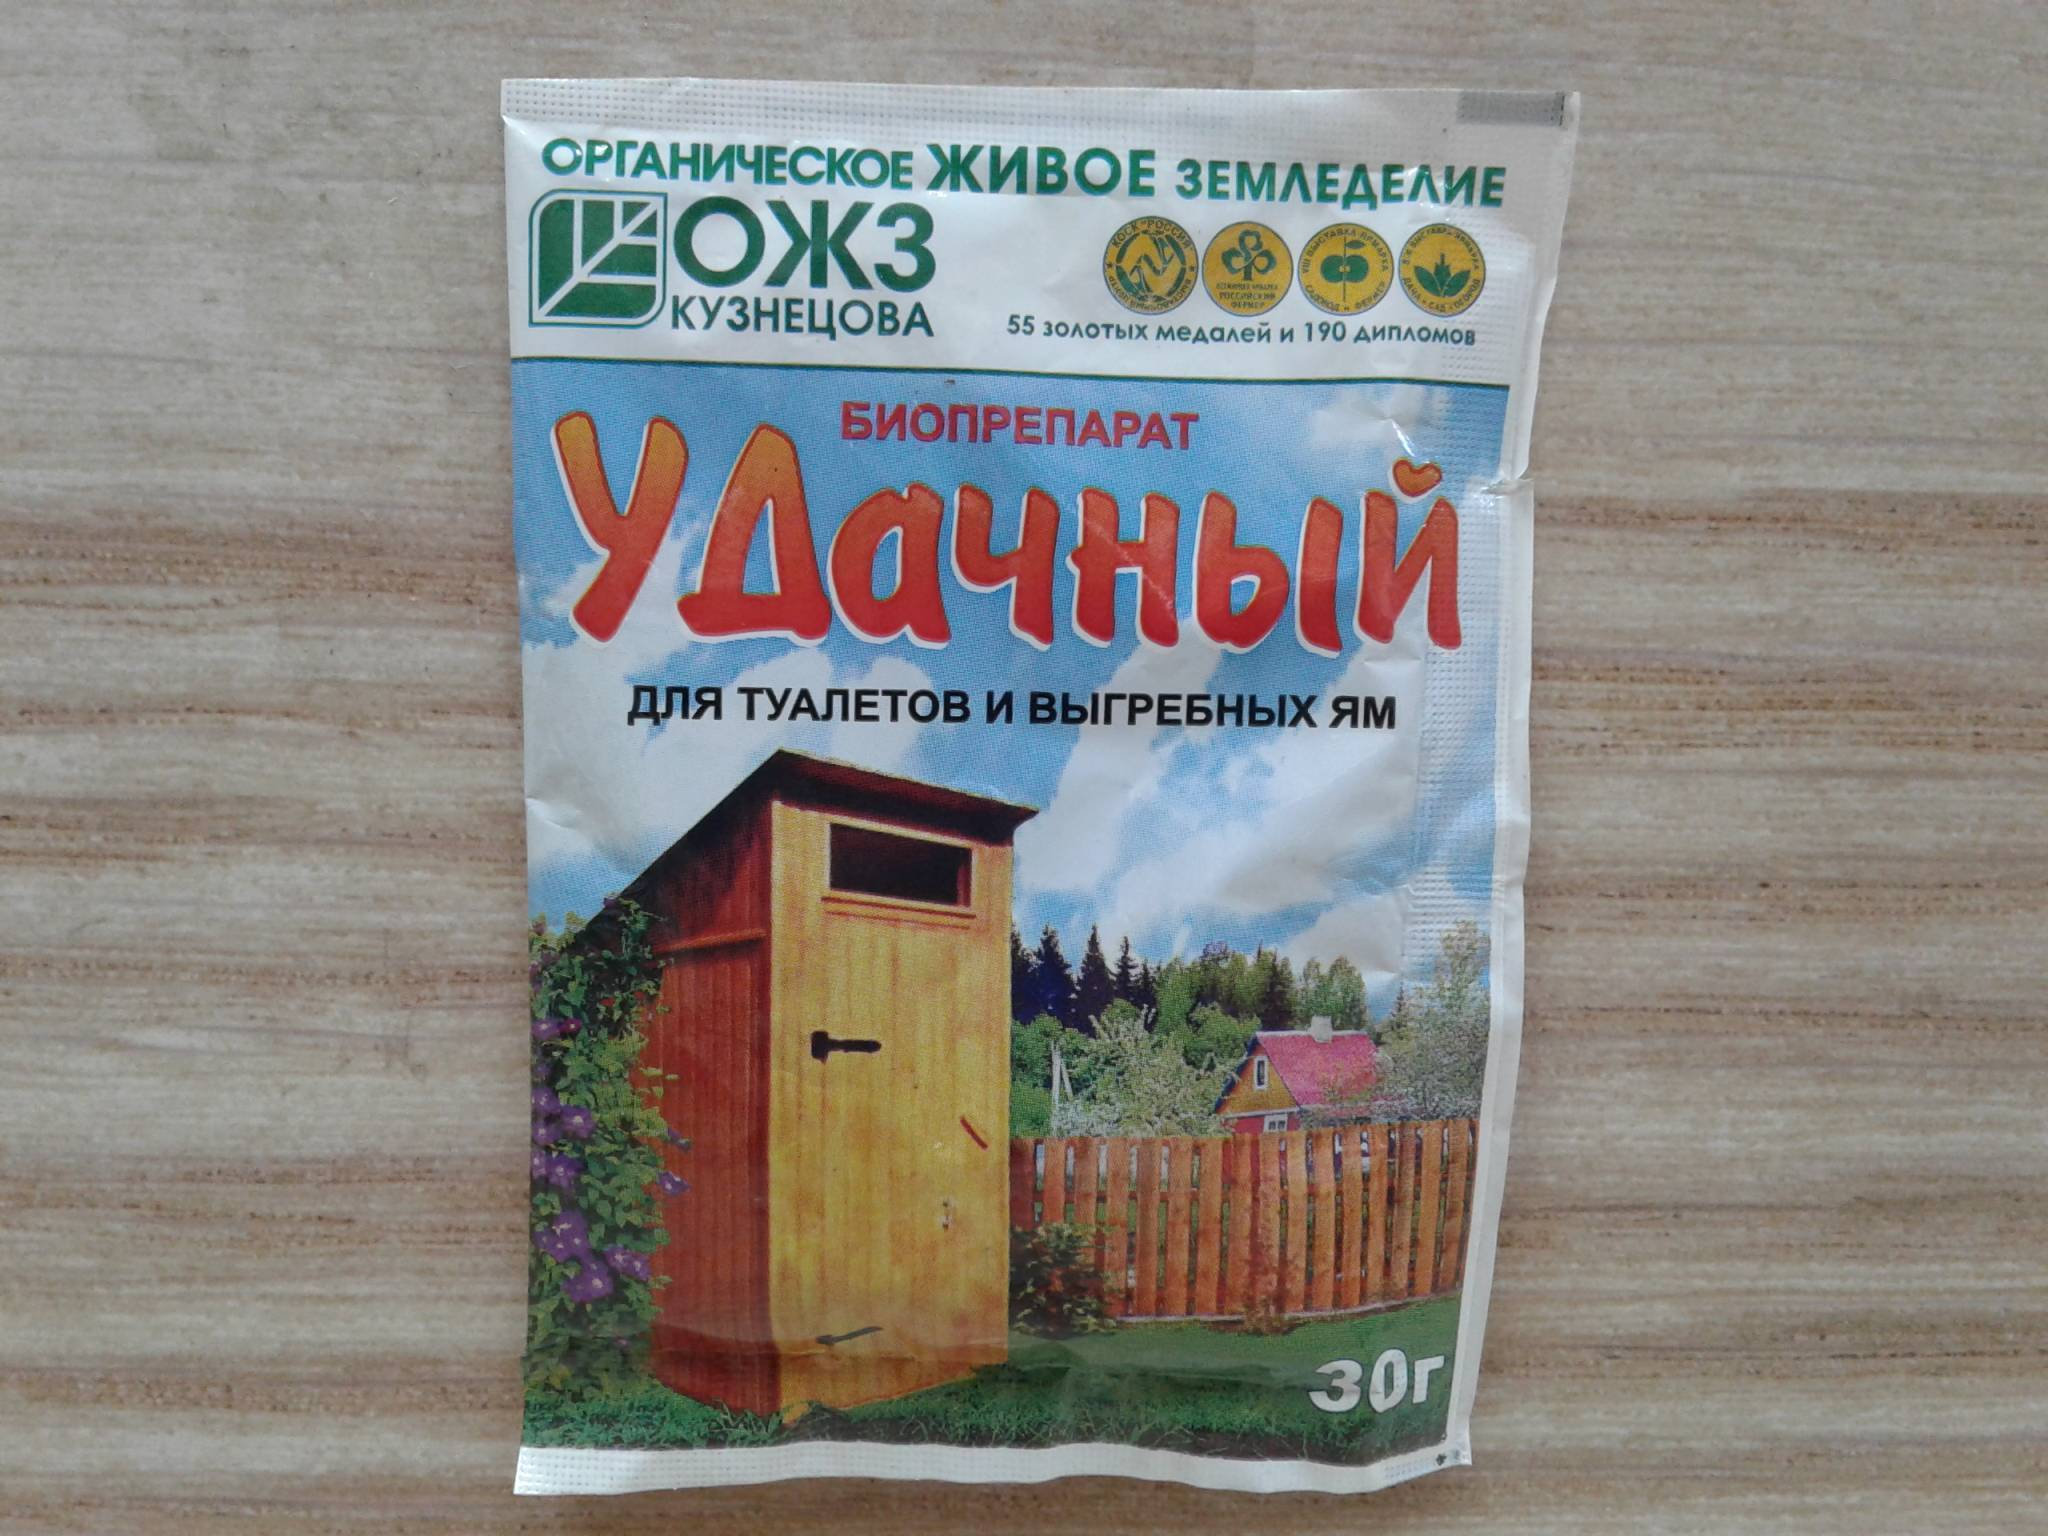 Жидкость для биотуалета на даче: рейтинг лучших марок и отзывы